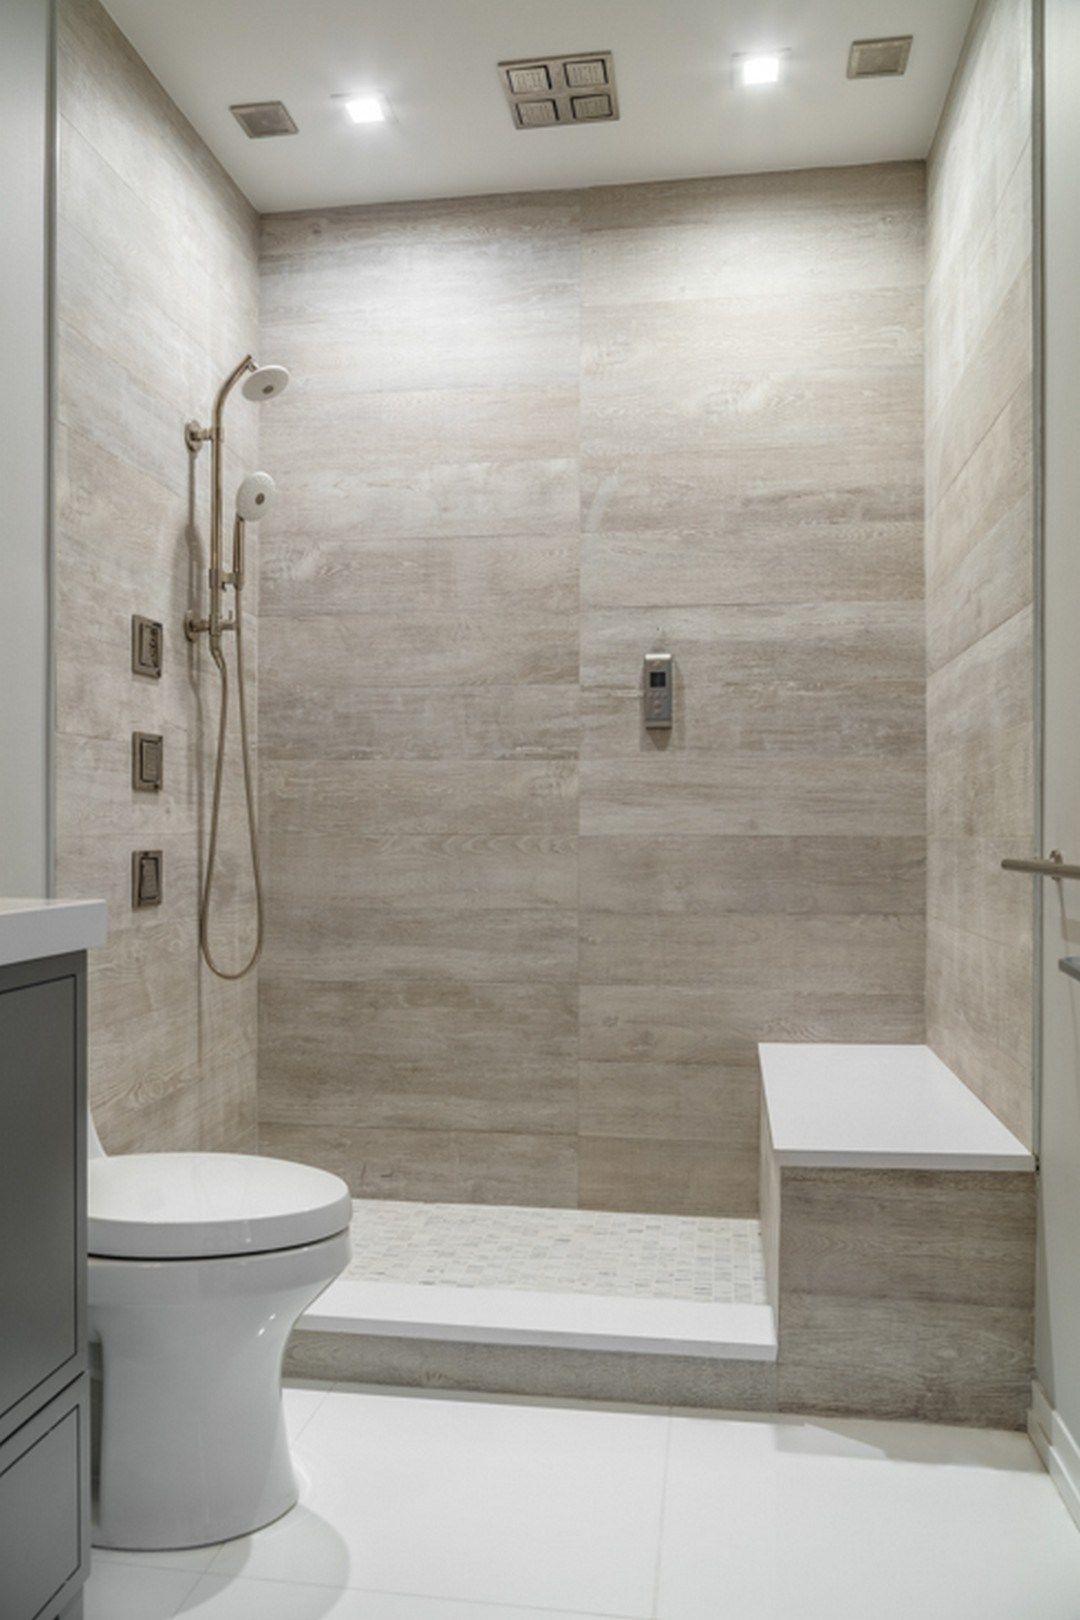 Bathroom tile designs 99 new trends Bathroom tile design inspiration 2017 (31) YKULCTP